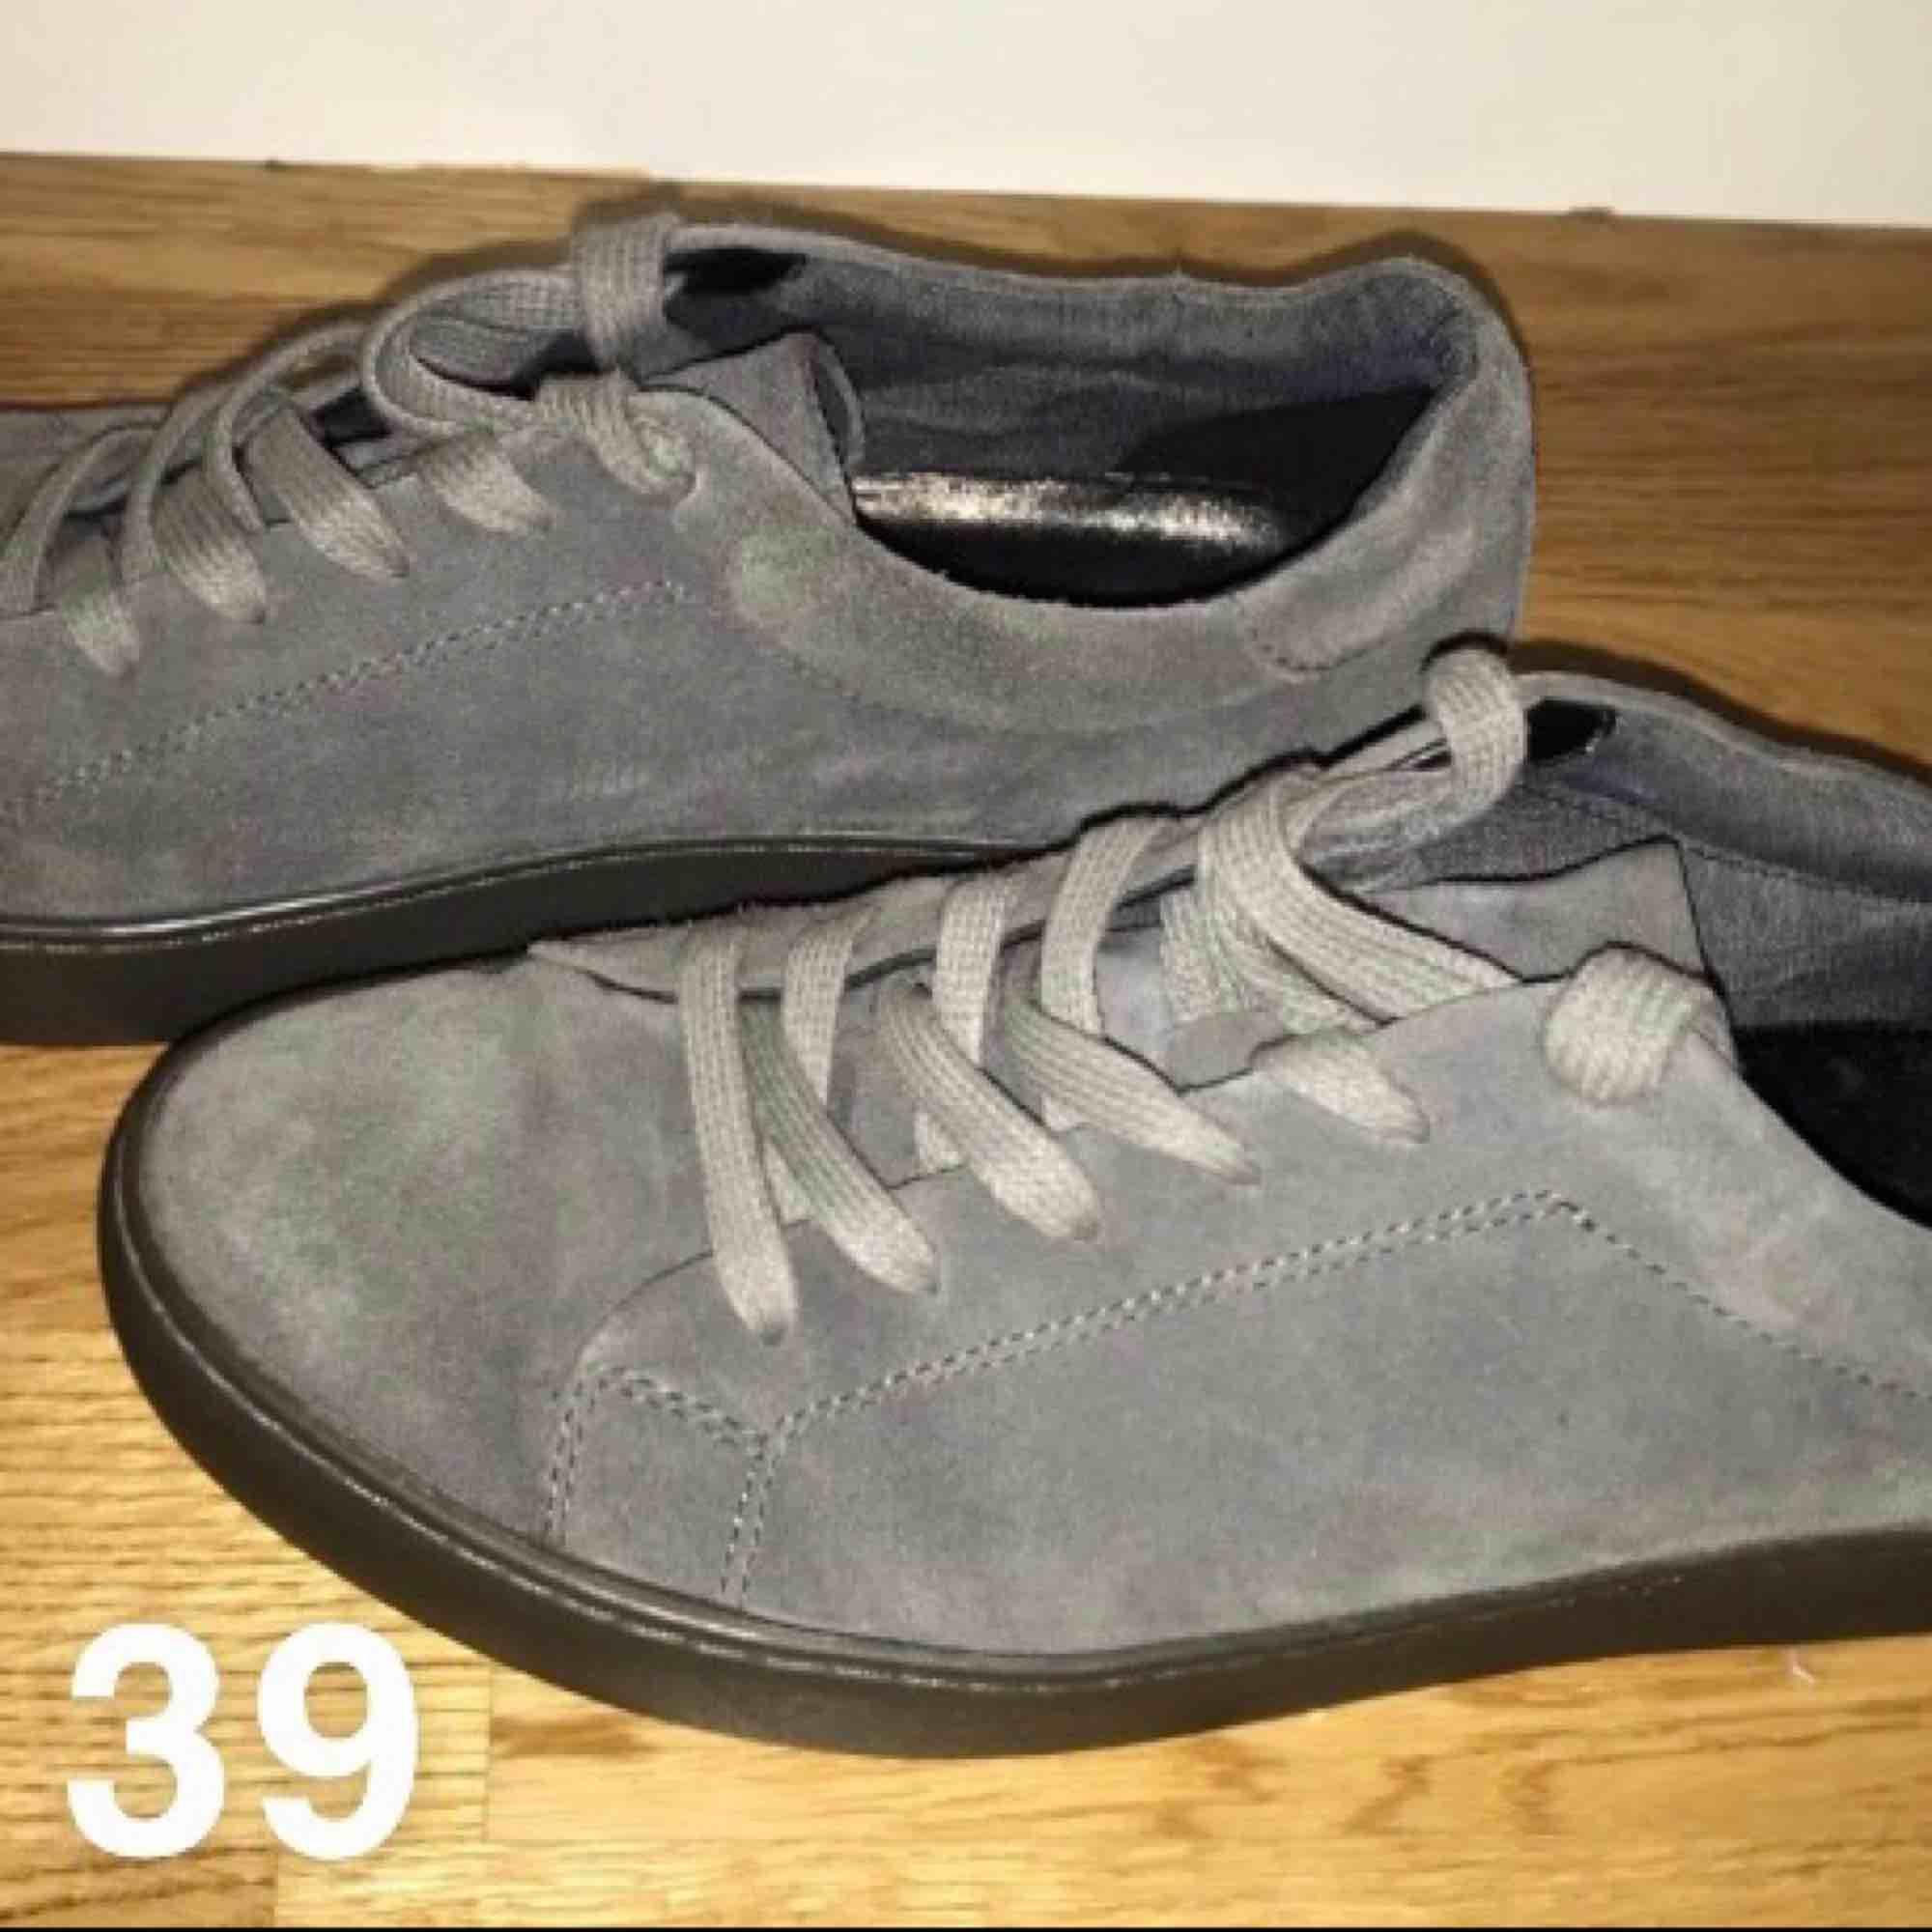 Vagabond sneakers. Grå. Använda förra våren. Sköna och mjuka. Ger fina avlånga fötter. . Skor.